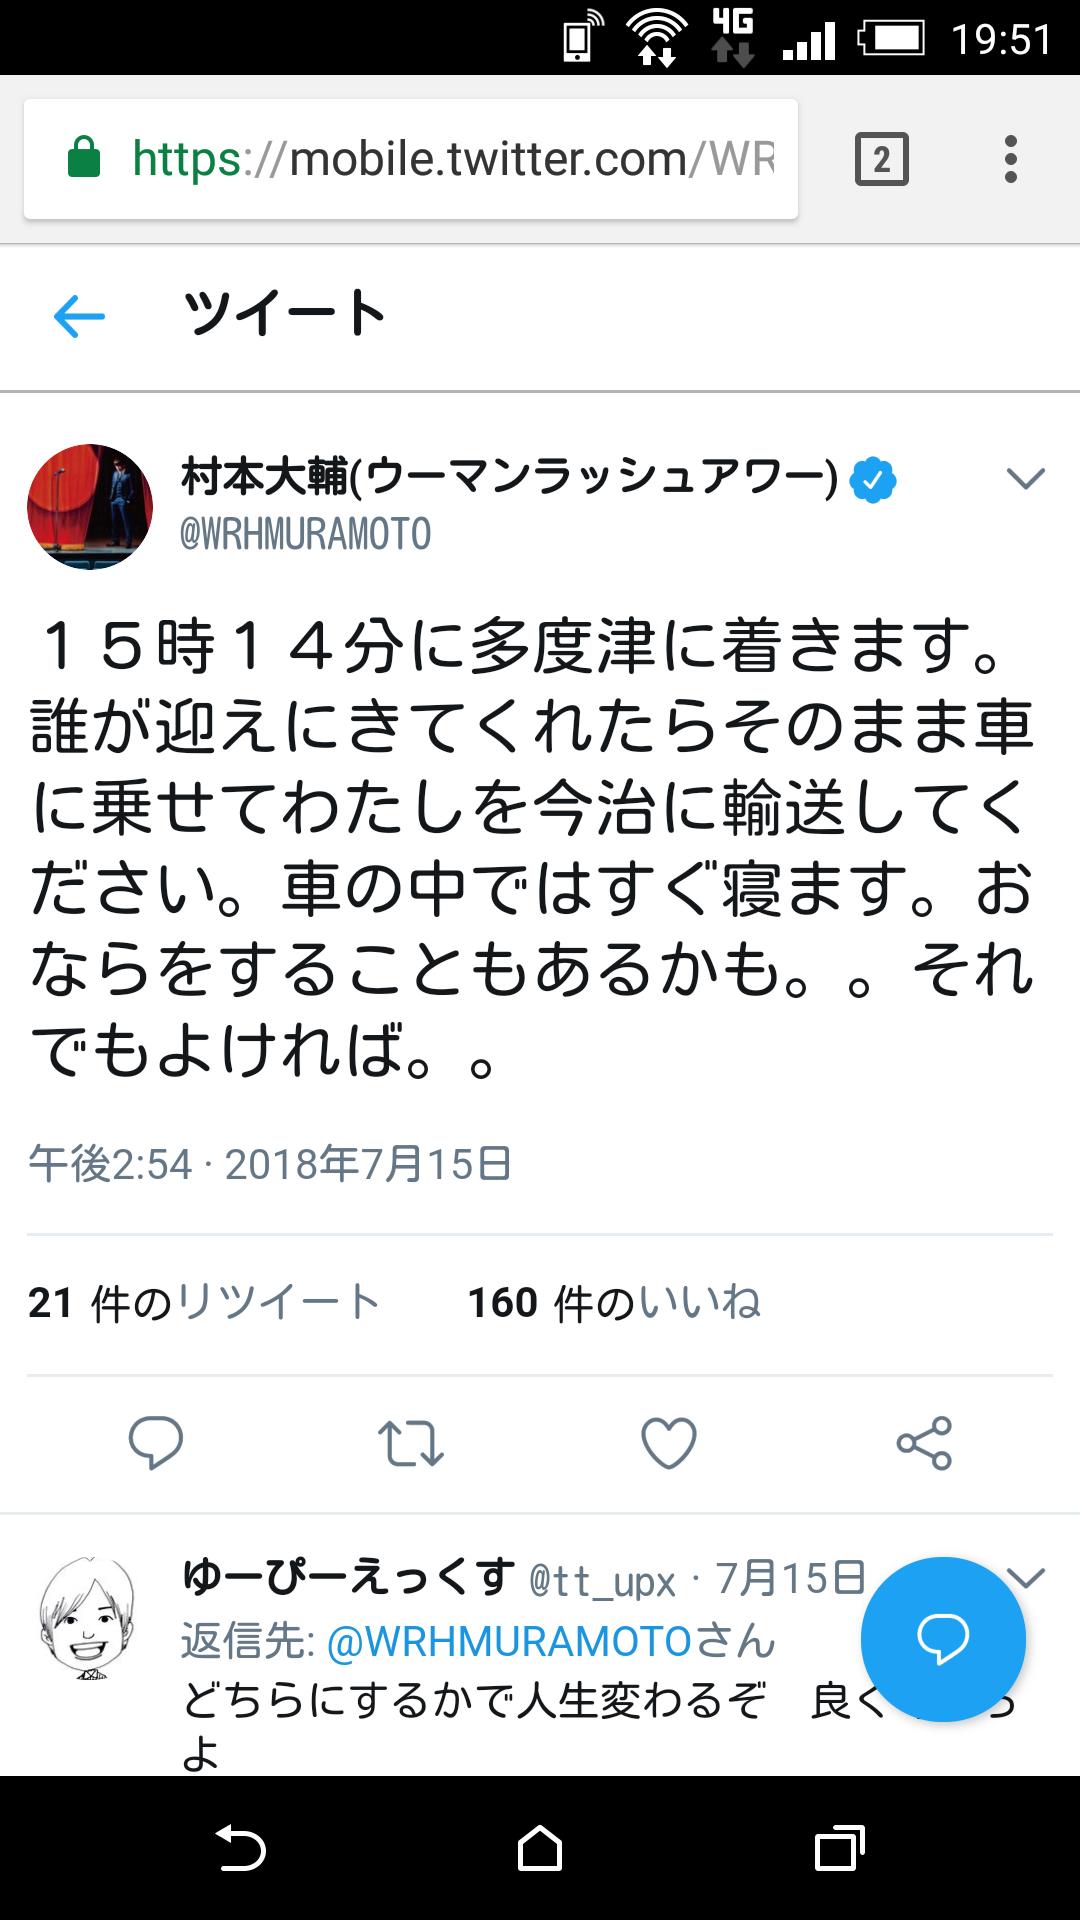 ウーマン村本大輔、被災地・岡山で無料ライブ 飲み物も「奢ります」反響大で受付終了